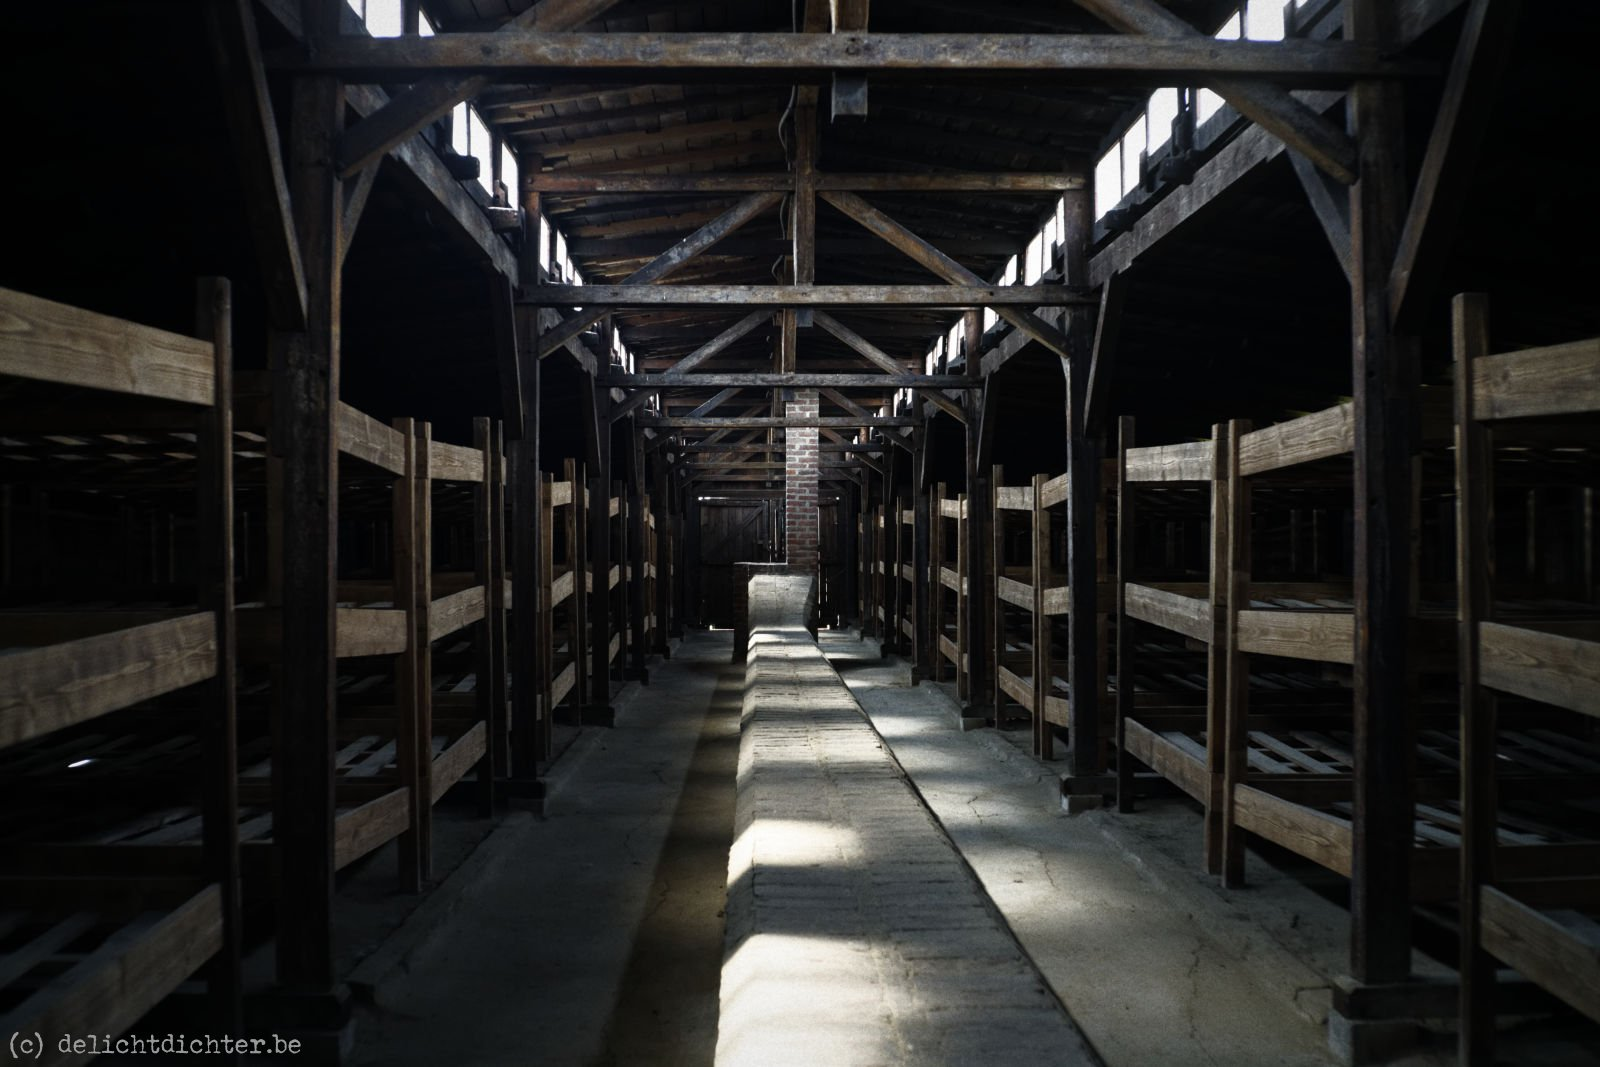 2018_06_Auschwitz_20180620_121558_DxO_PL1_1600px